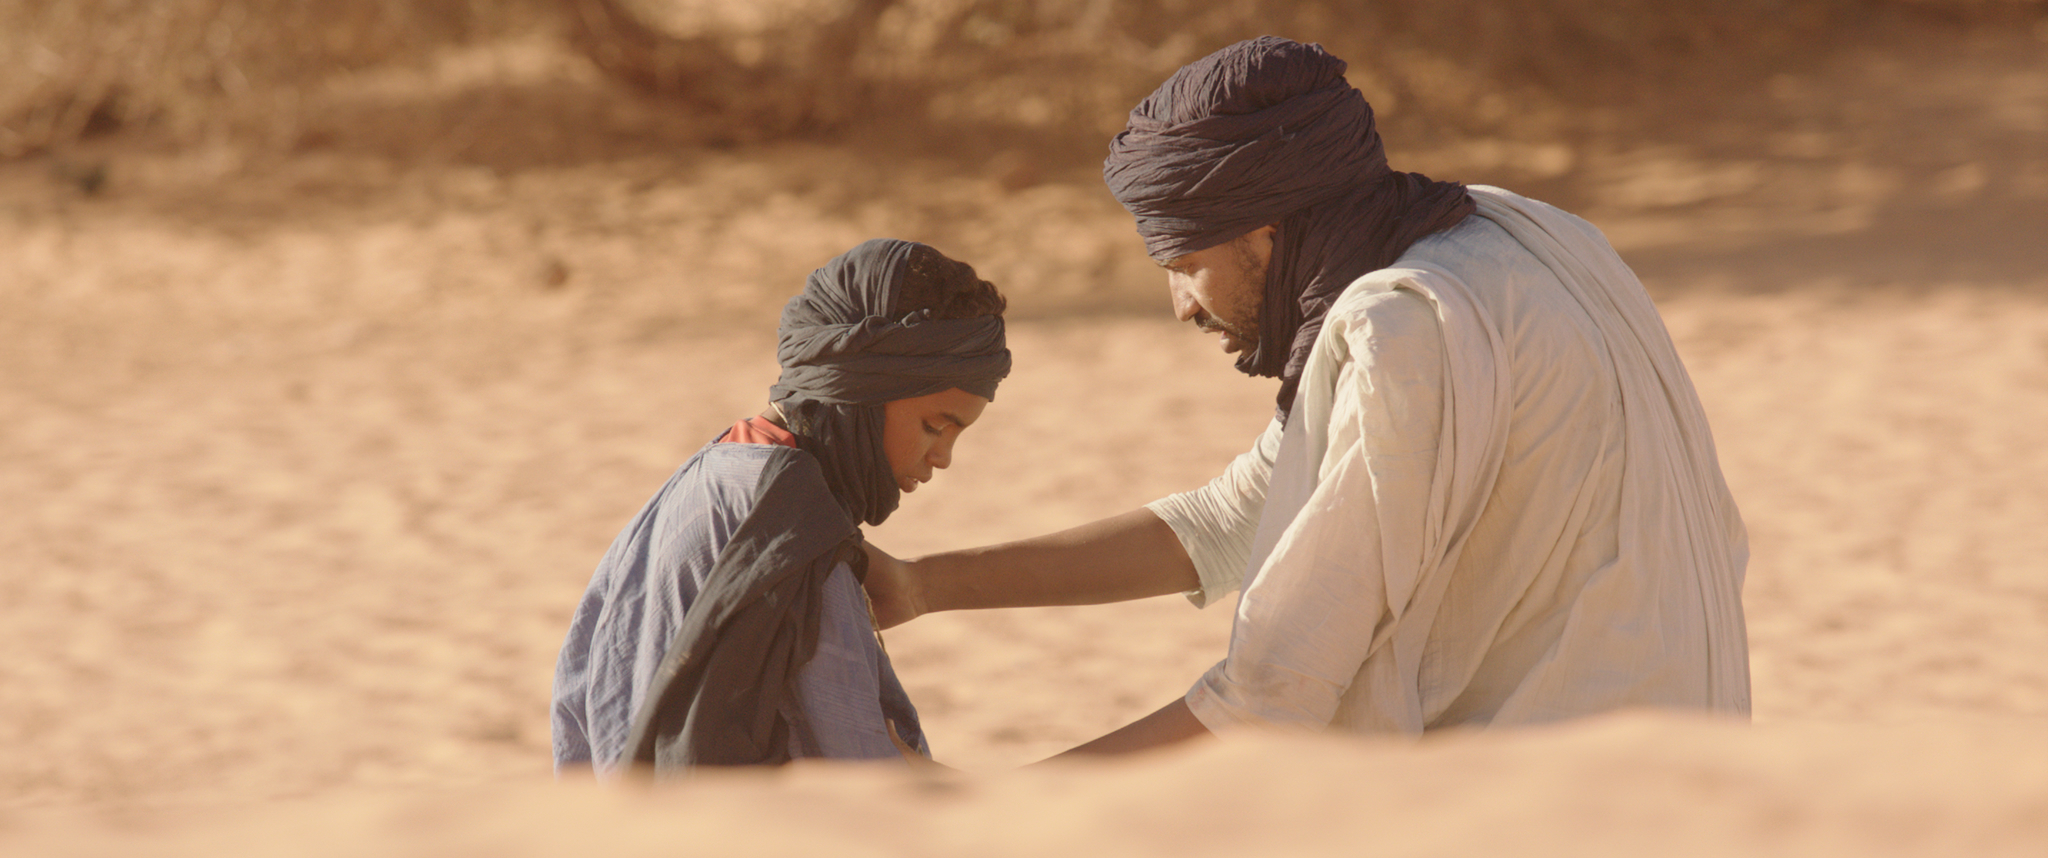 Timbuktu de Abderrahmane Sissako le vendredi 21 novembre à 20h30, suivi d'un débat avec le réalisateuropération Septième Salle